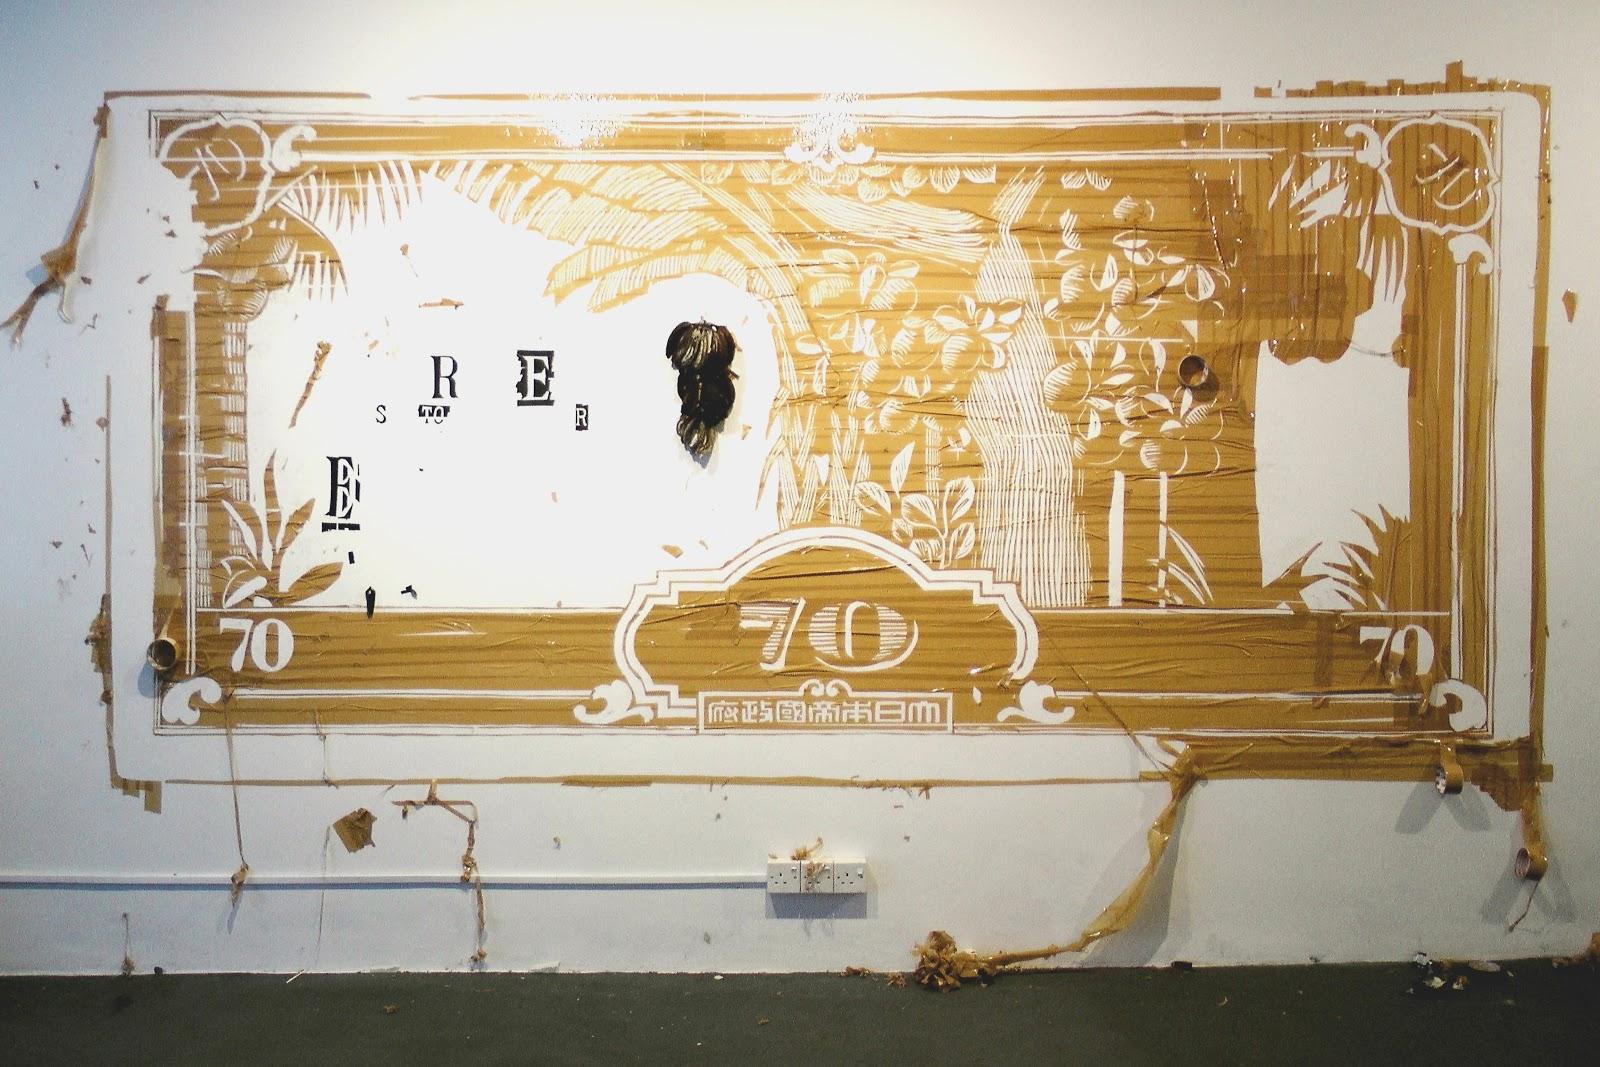 Banana Money, 2012 | CHONG KIM CHIEW 張锦超